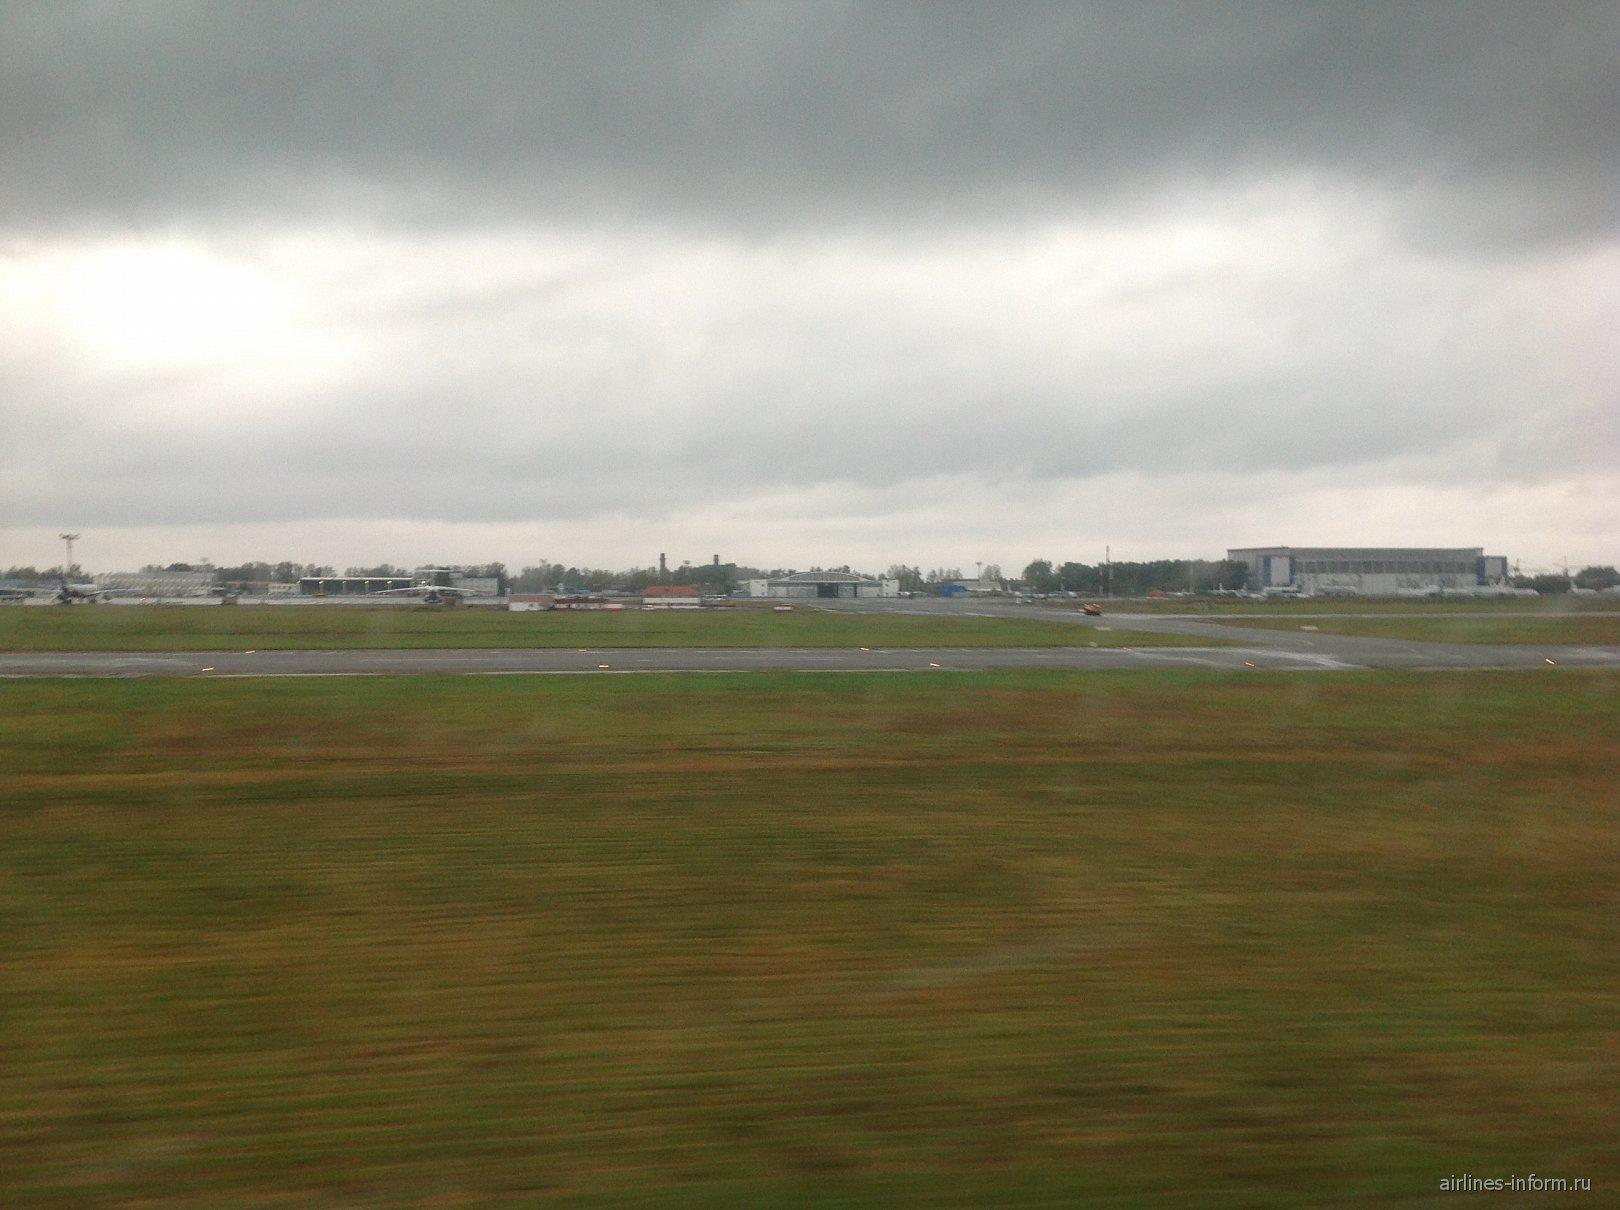 Рейс Аэрофлота Хабаровск-Москва